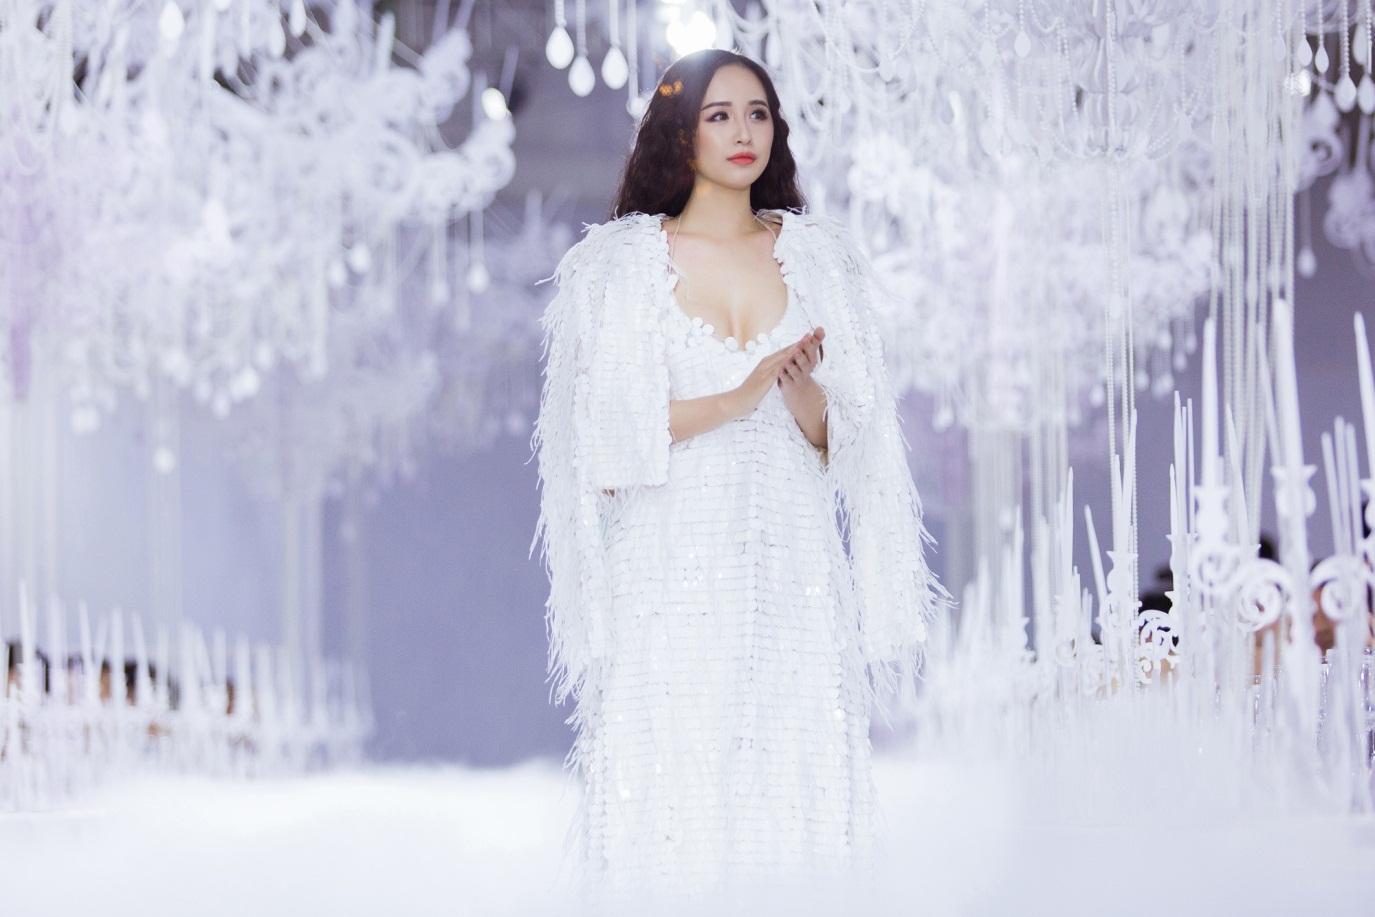 Chạm mặt Hà Hồ trong show Lý Qúi Khánh, biểu cảm khó hiểu của Võ Hoàng Yến gây chú ý - Hình 4